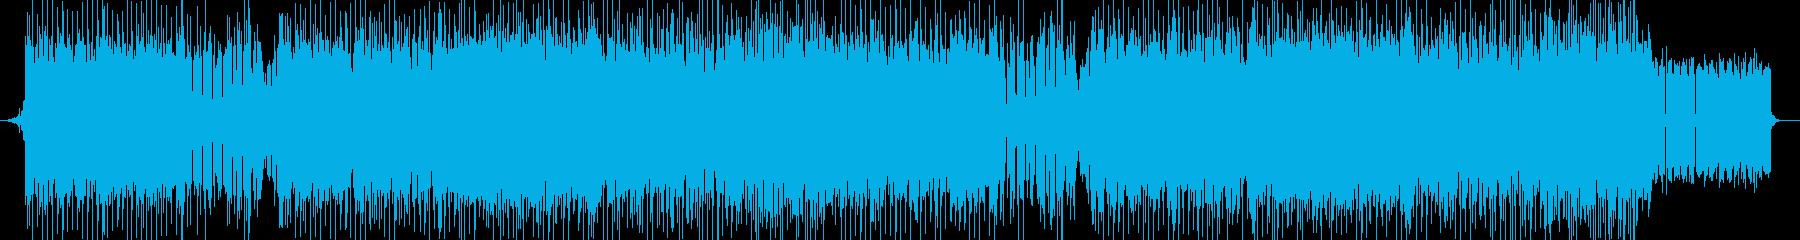 「HARDCORE/ダーク」BGM233の再生済みの波形